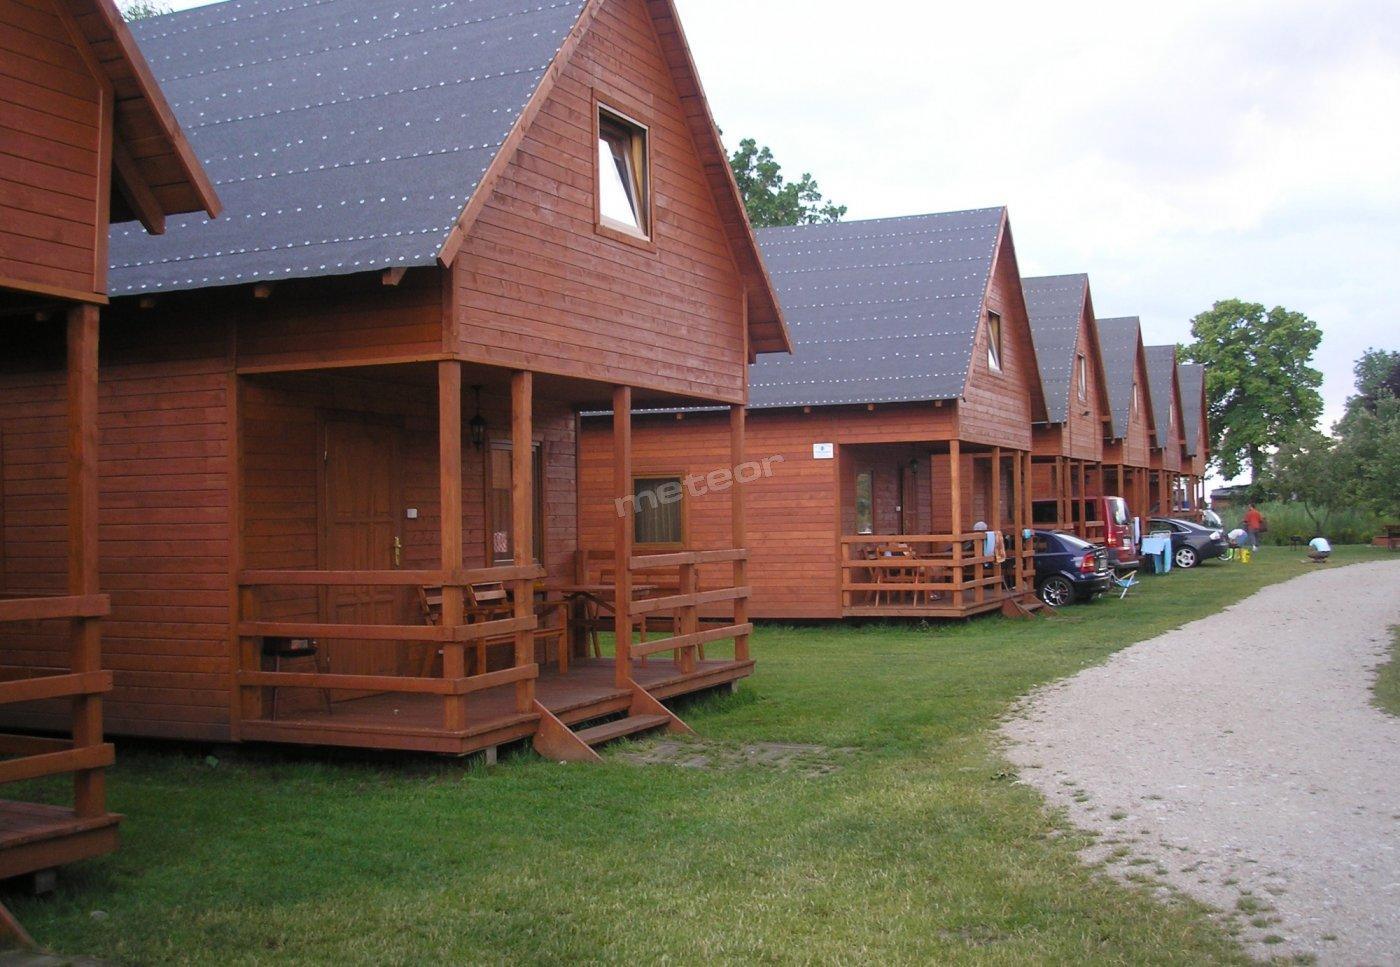 Domki Letniskowe Ala i Tomek